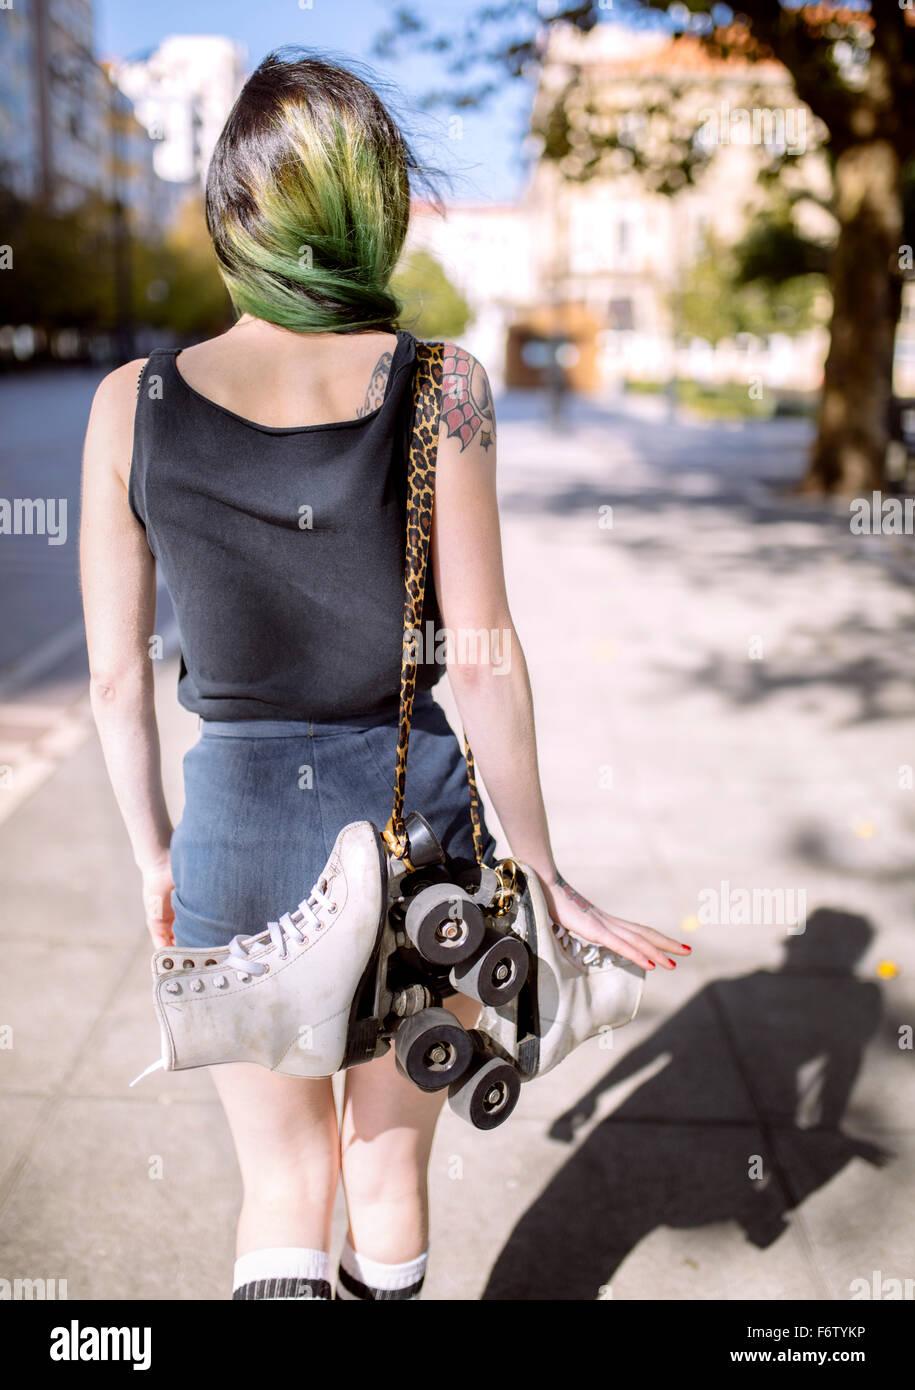 L'Espagne, Gijon, vue arrière de jeune femme aux cheveux teints vert portant des patins sur épaule Banque D'Images